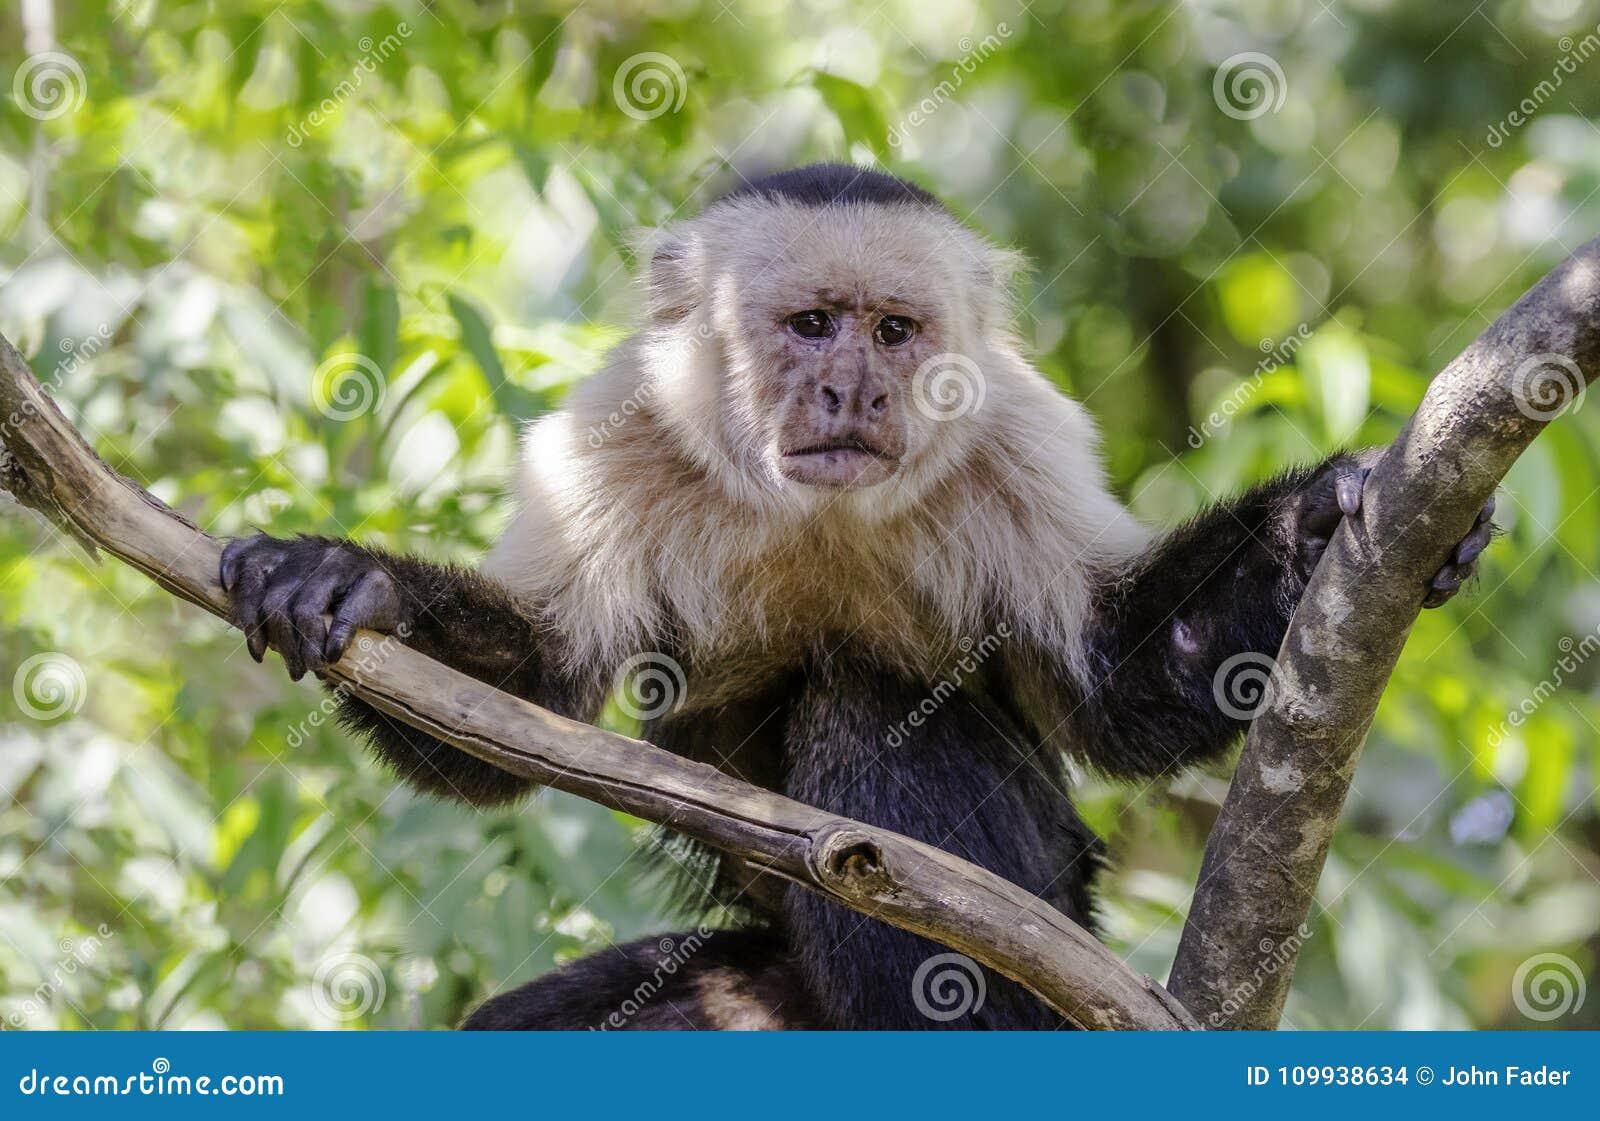 Biel Stawiająca czoło małpa marszczy brwi w drzewie